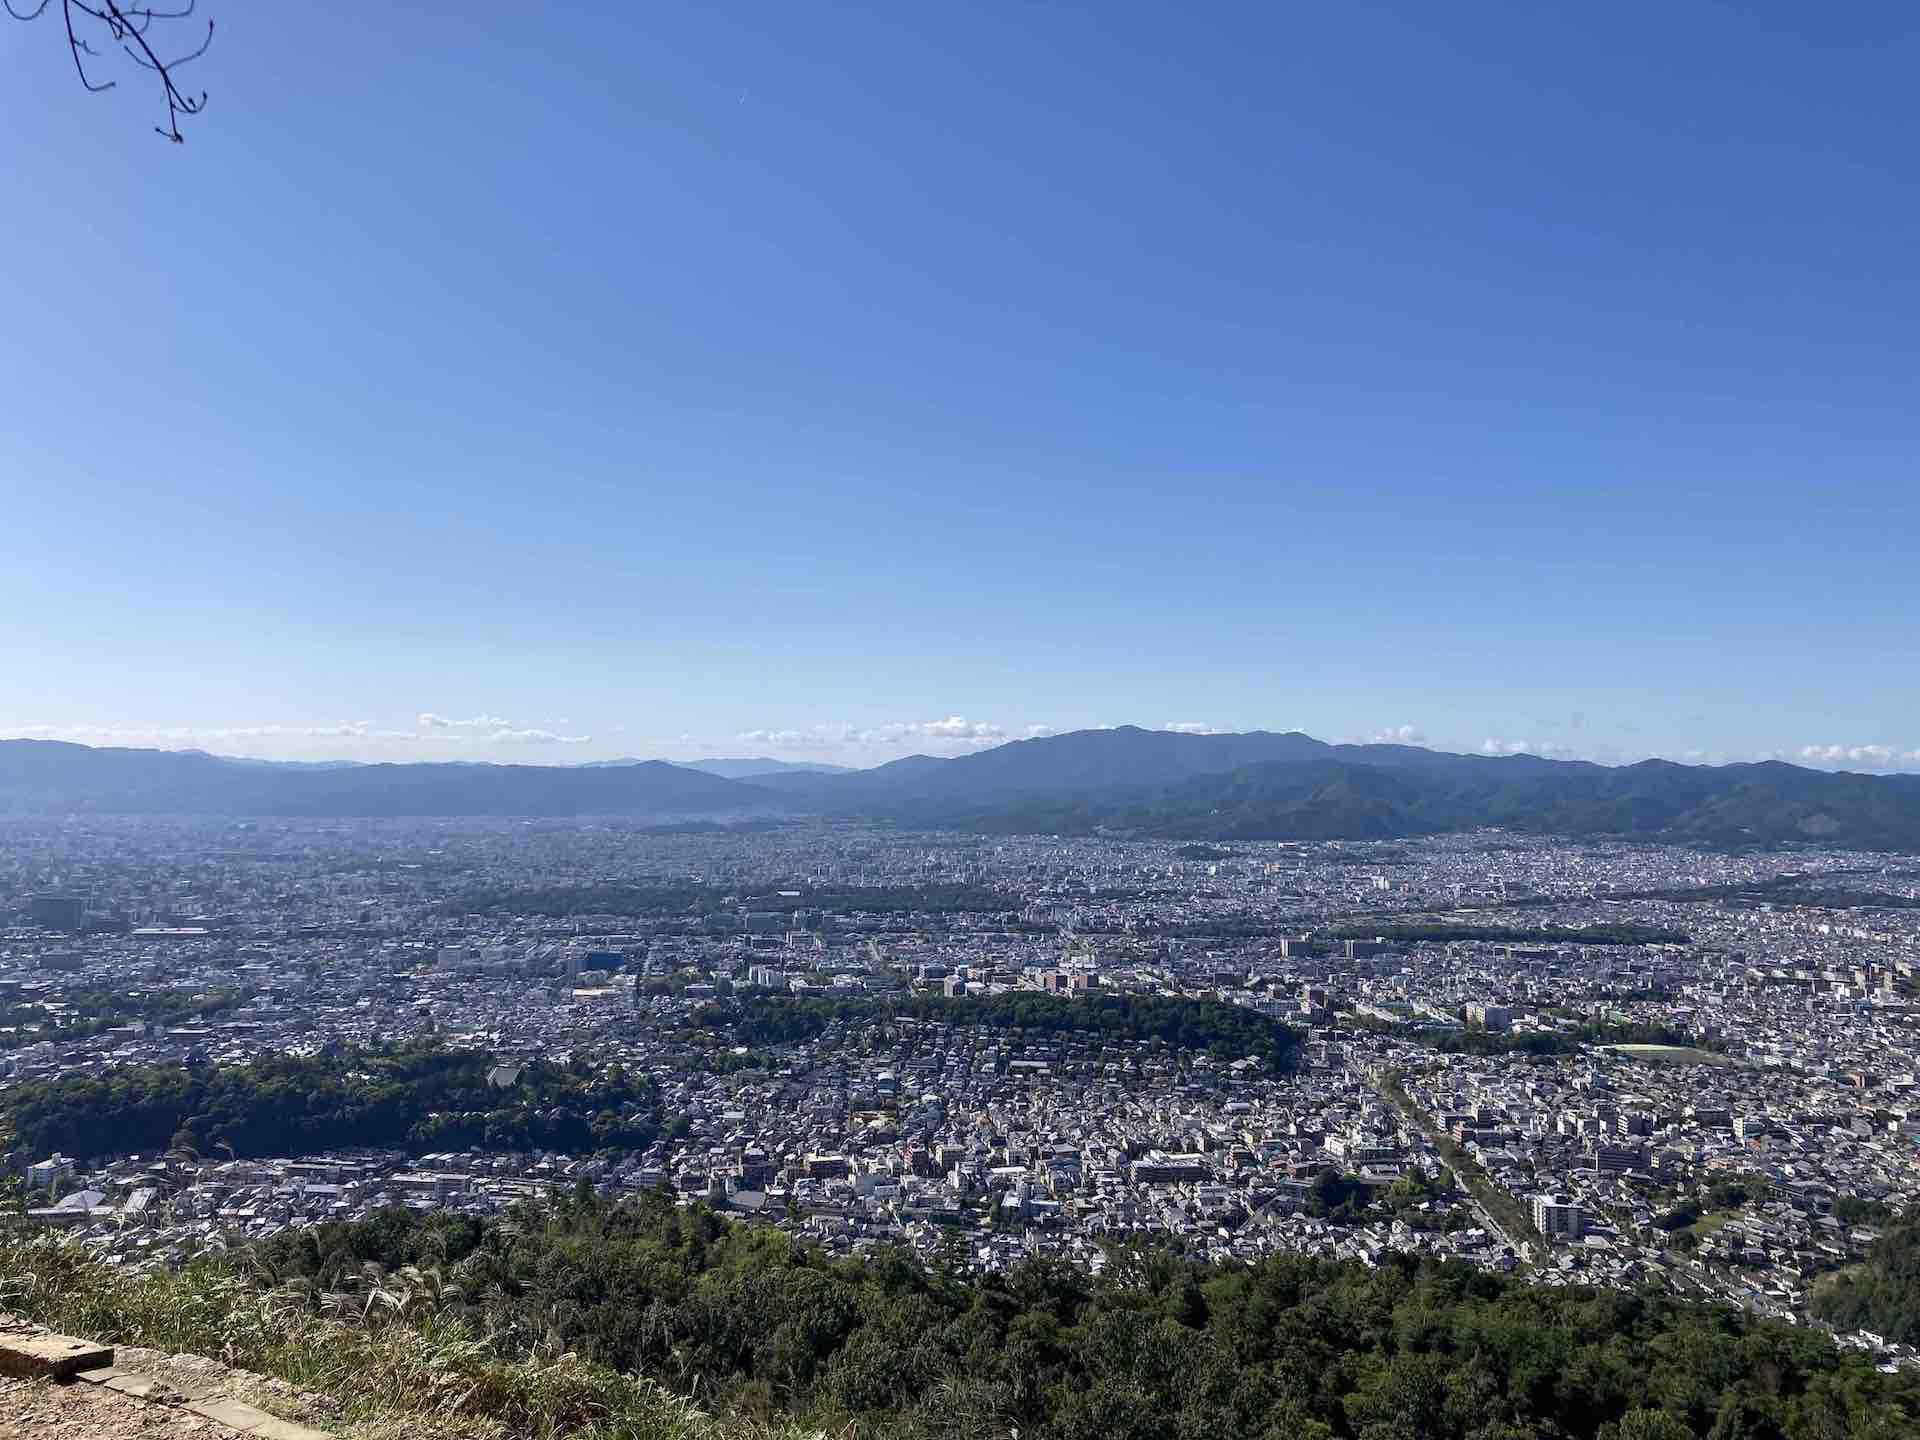 京都一周トレイル 大文字火床エリア